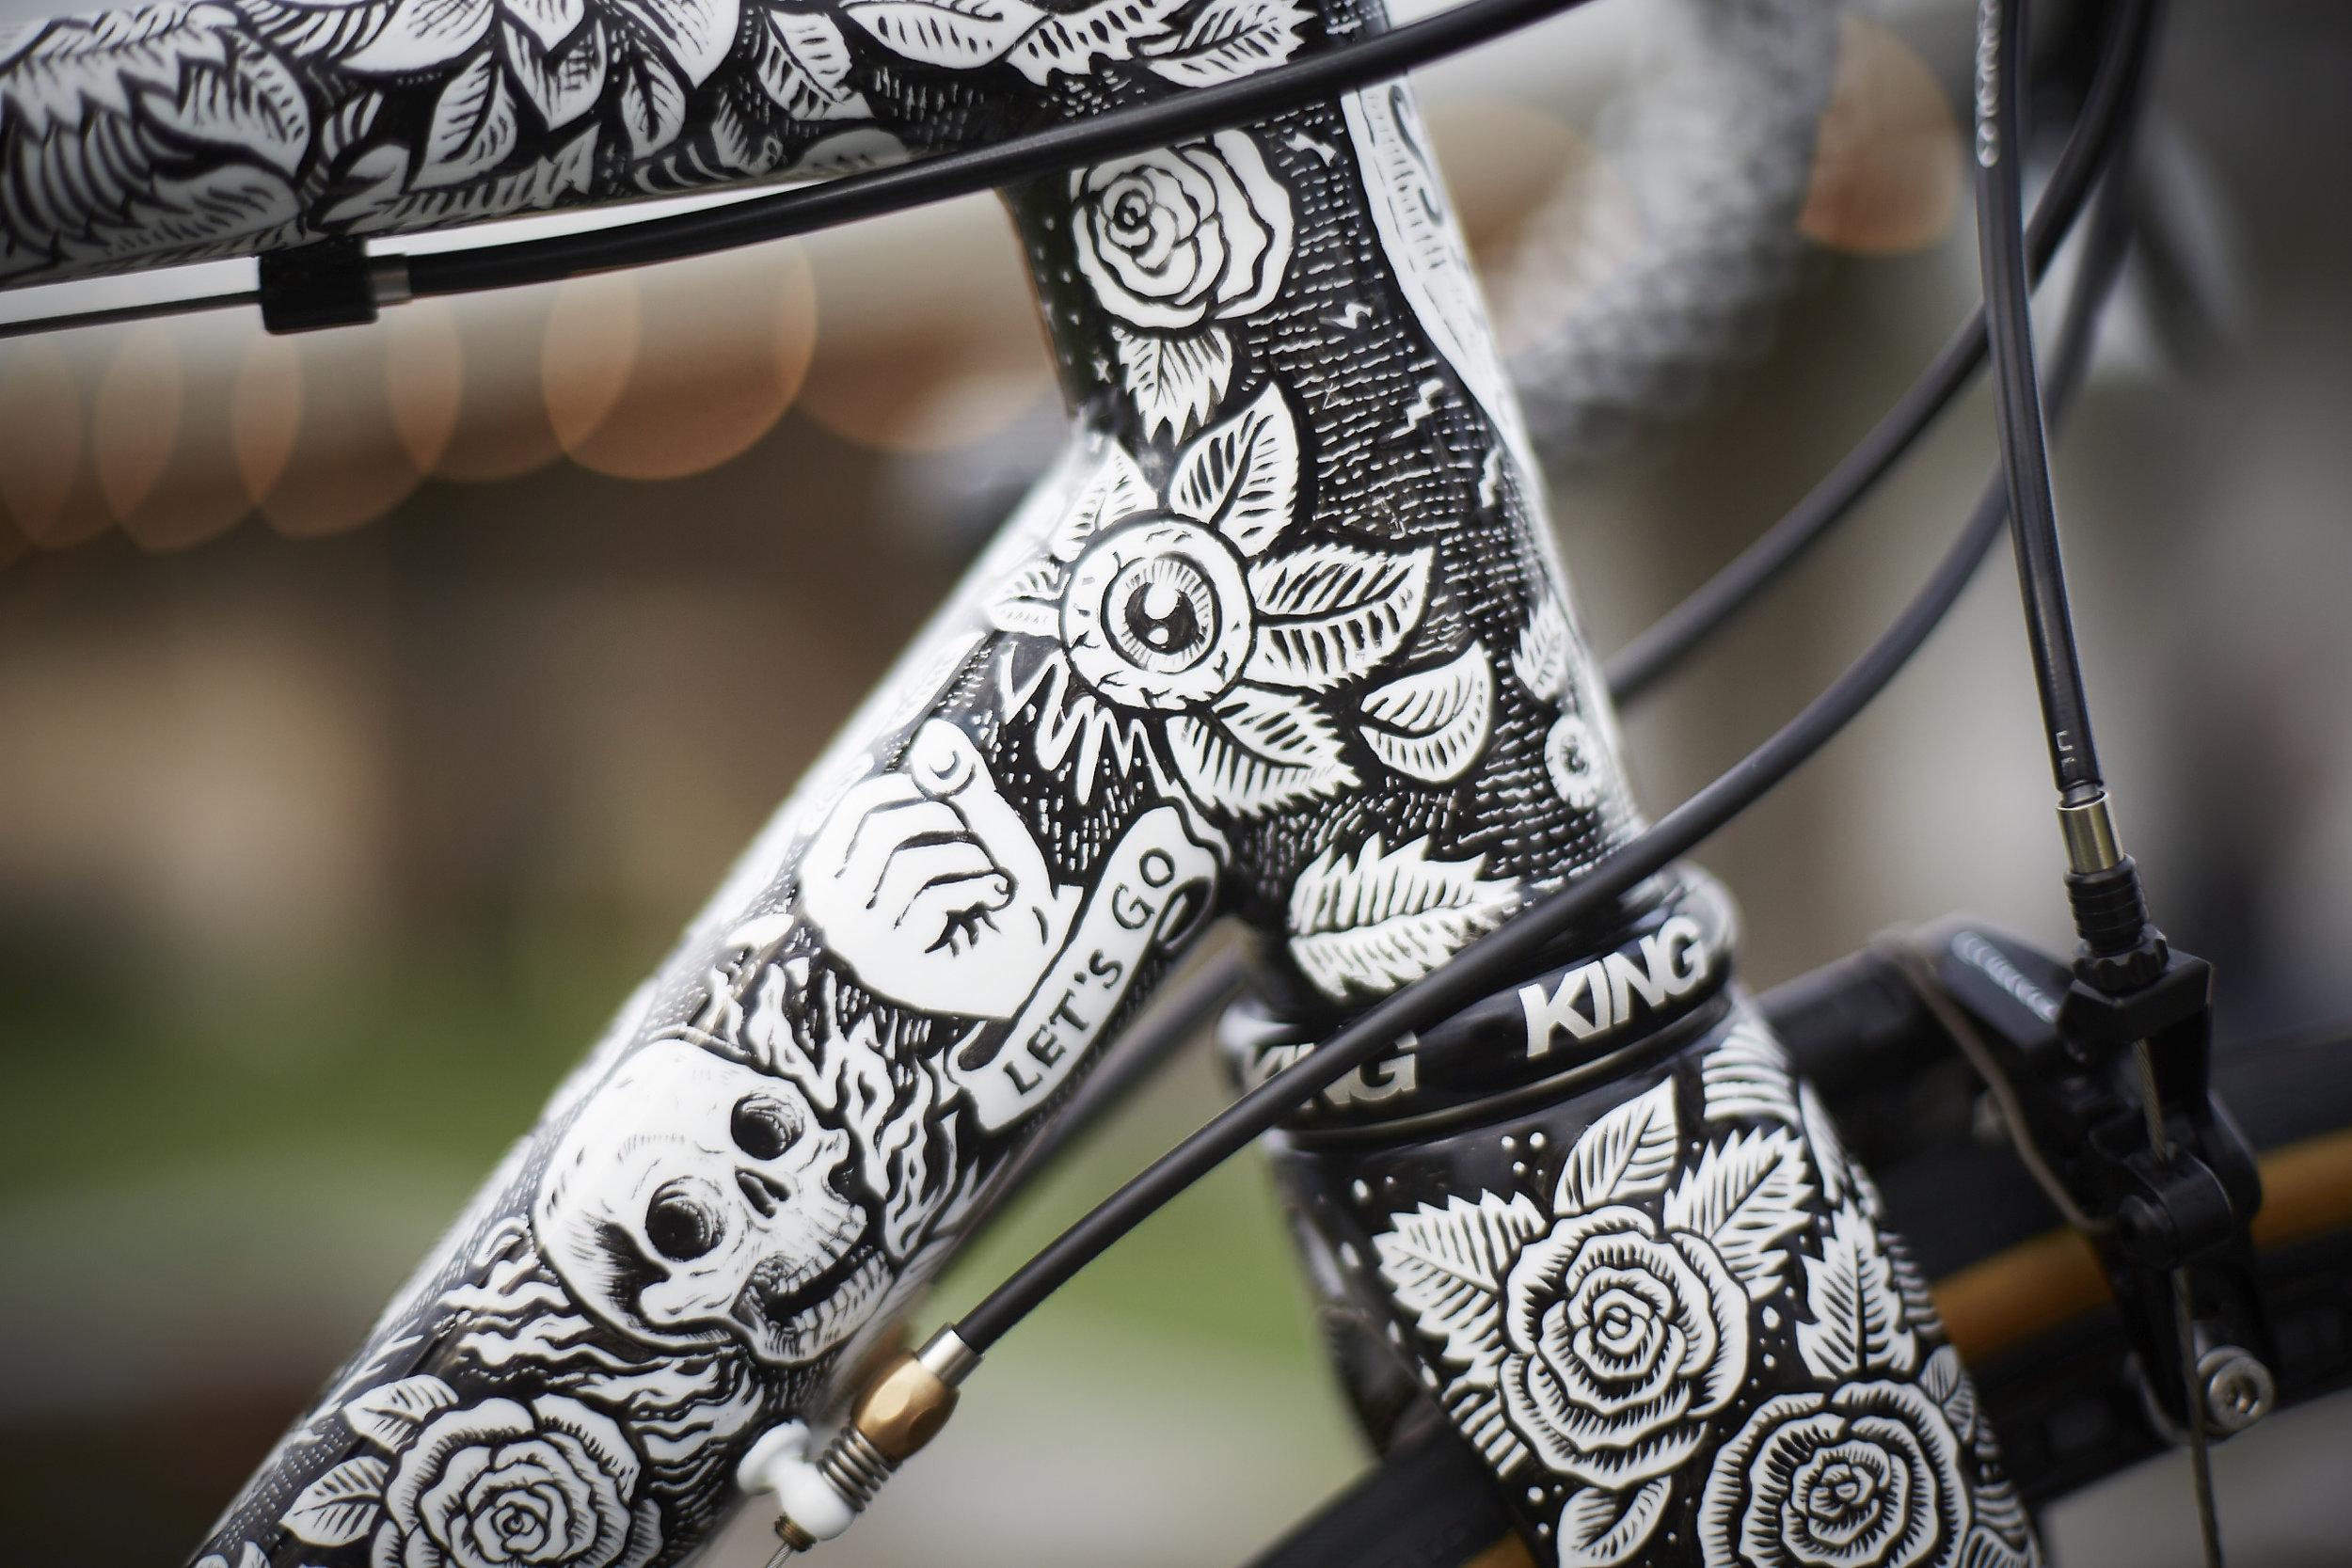 Rad-bike